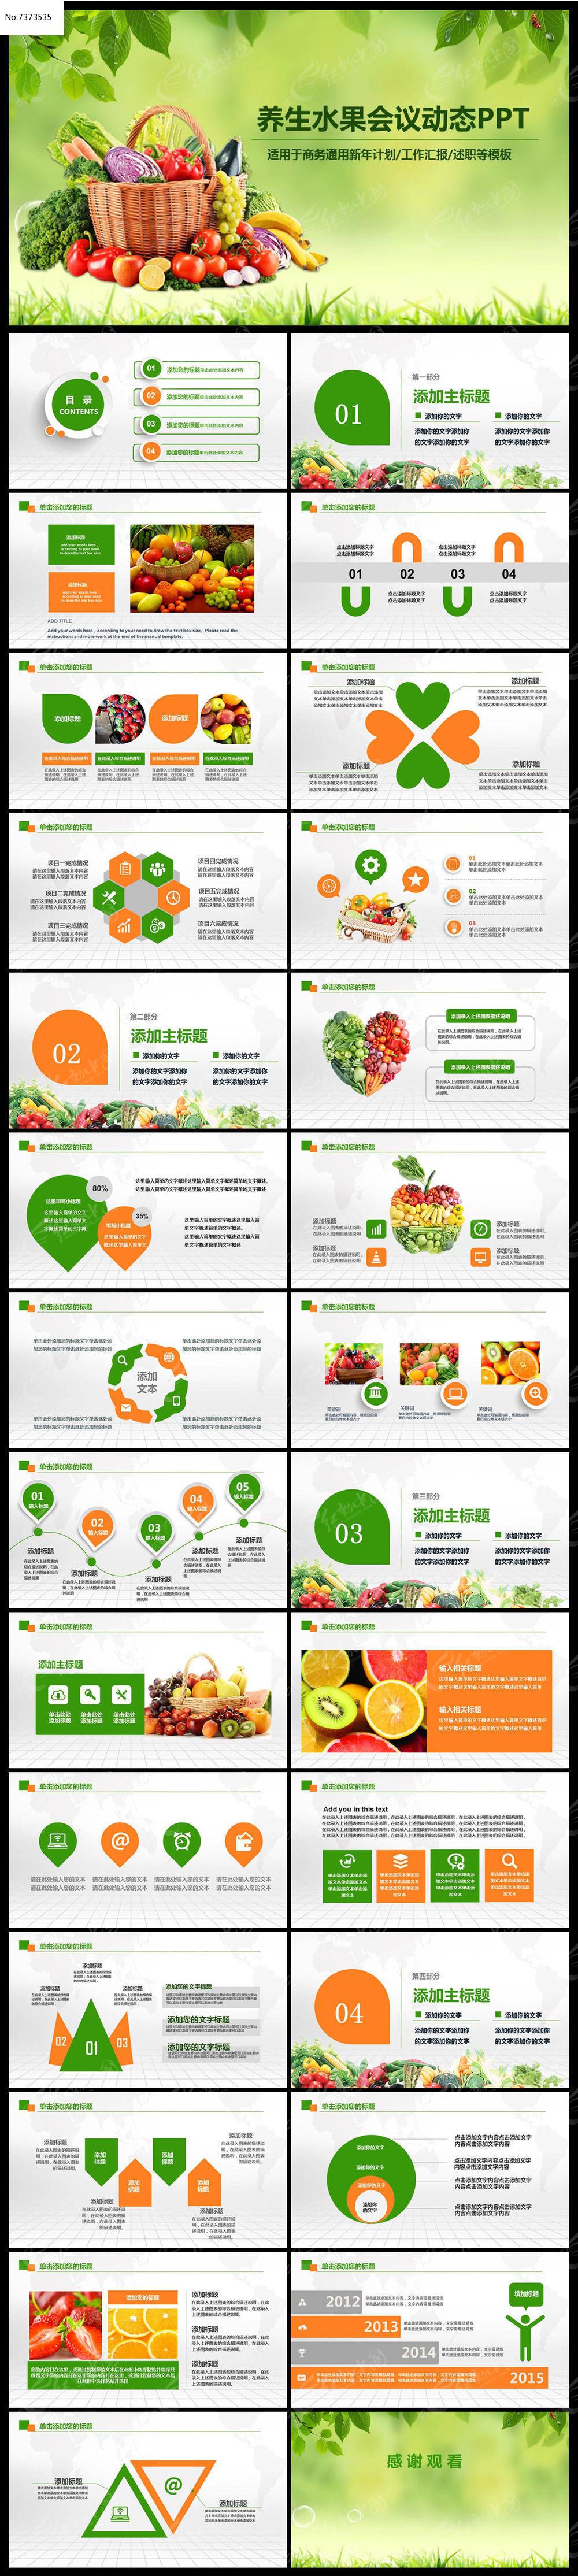 健康养生水果合理膳食营养搭配ppt模板